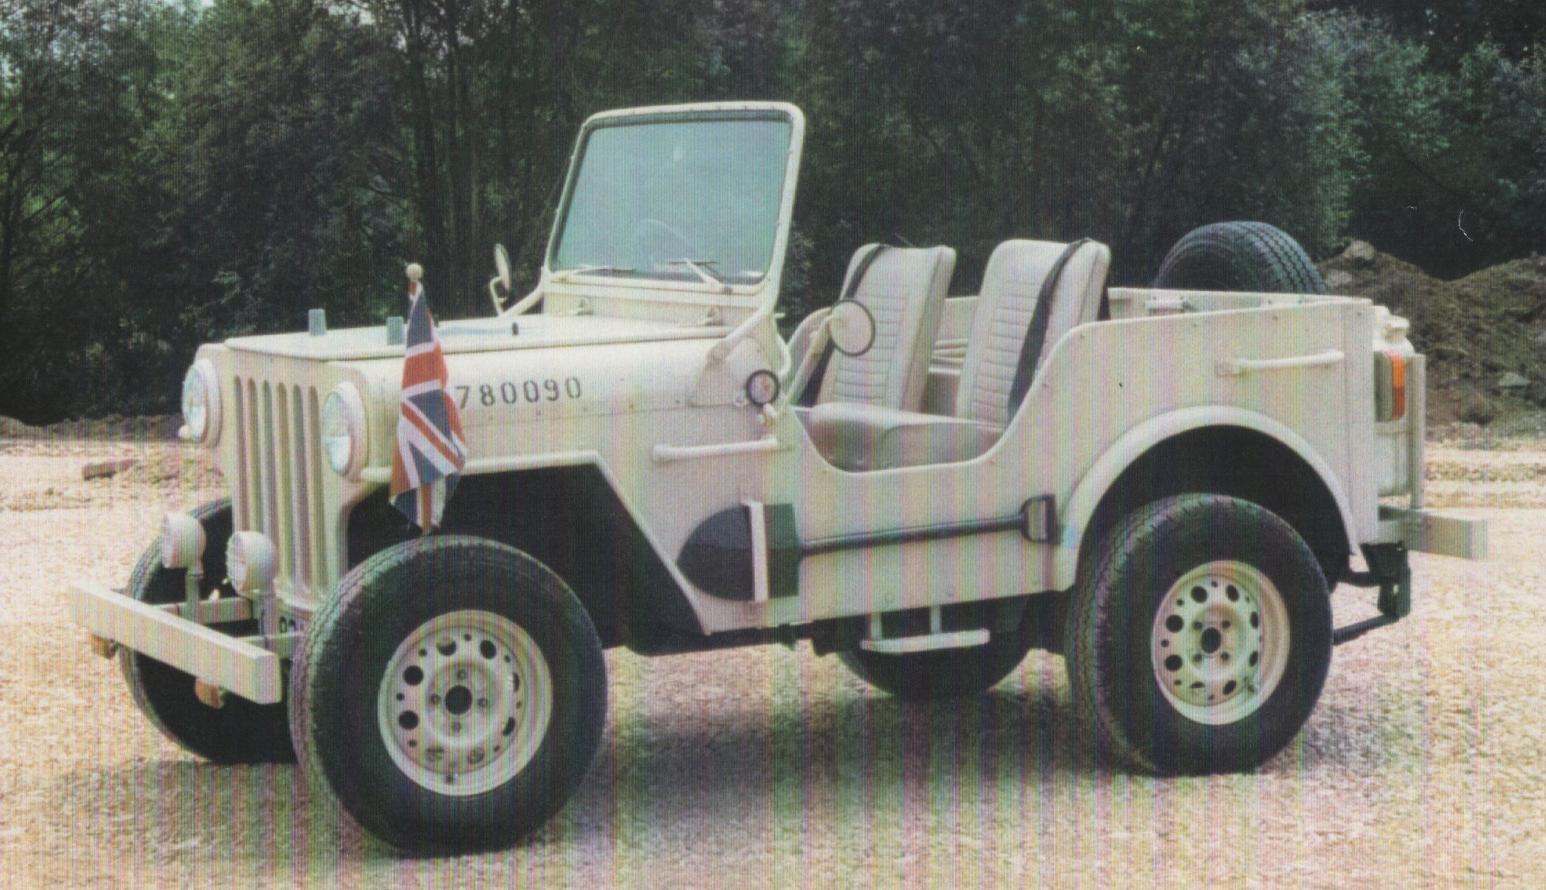 Husky R V  Jeep Kit   eWillys